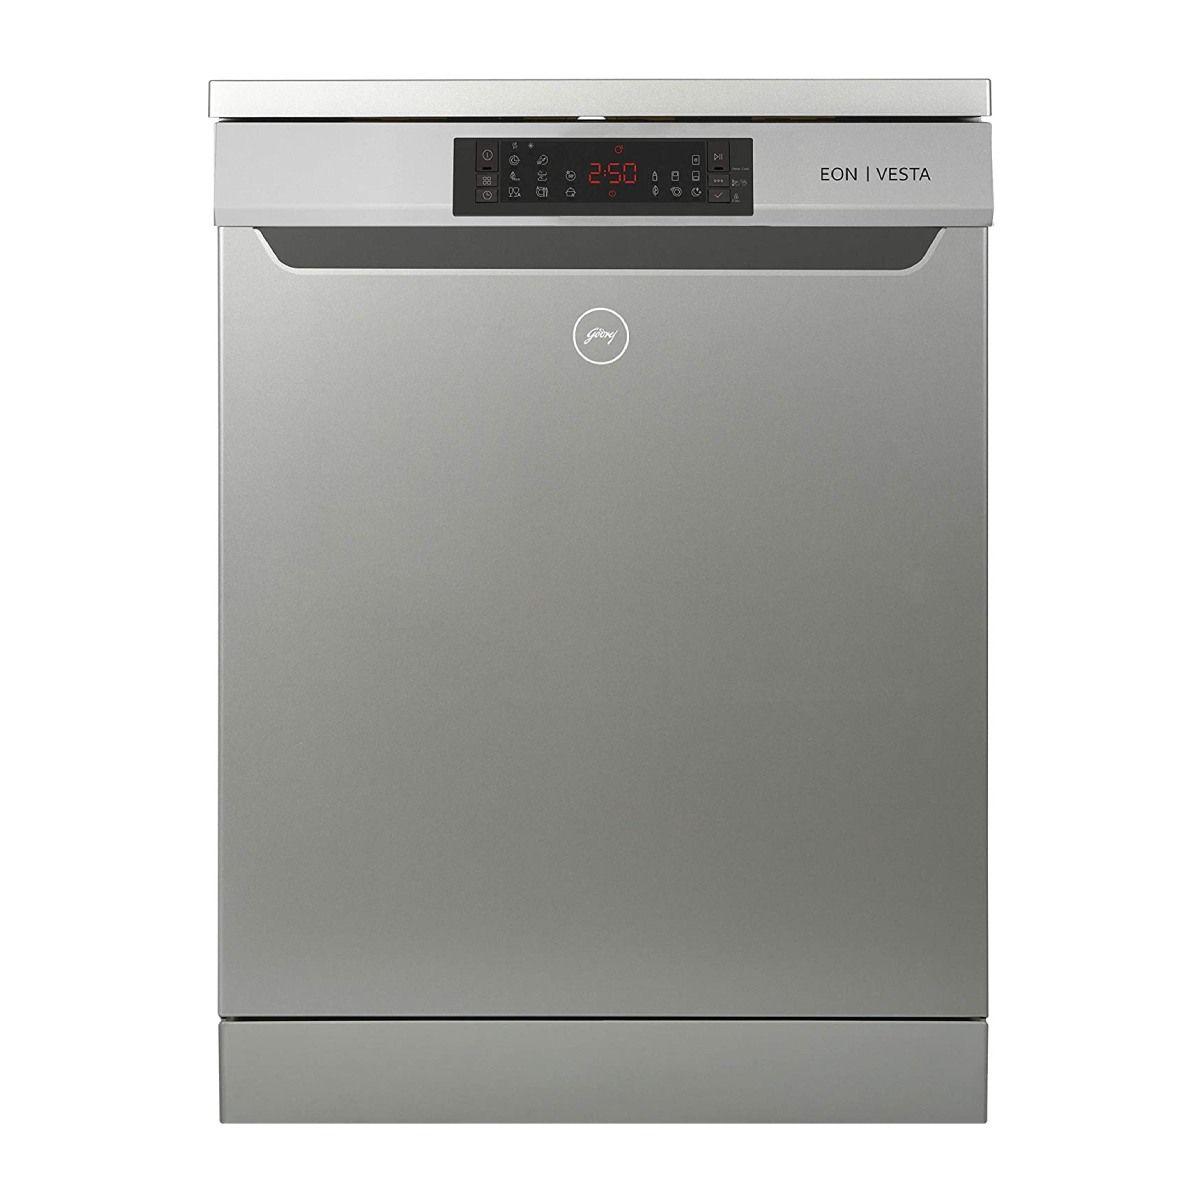 கோத்ரெஜ் Eon Dishwasher DWF EON VES 12B UI STSL